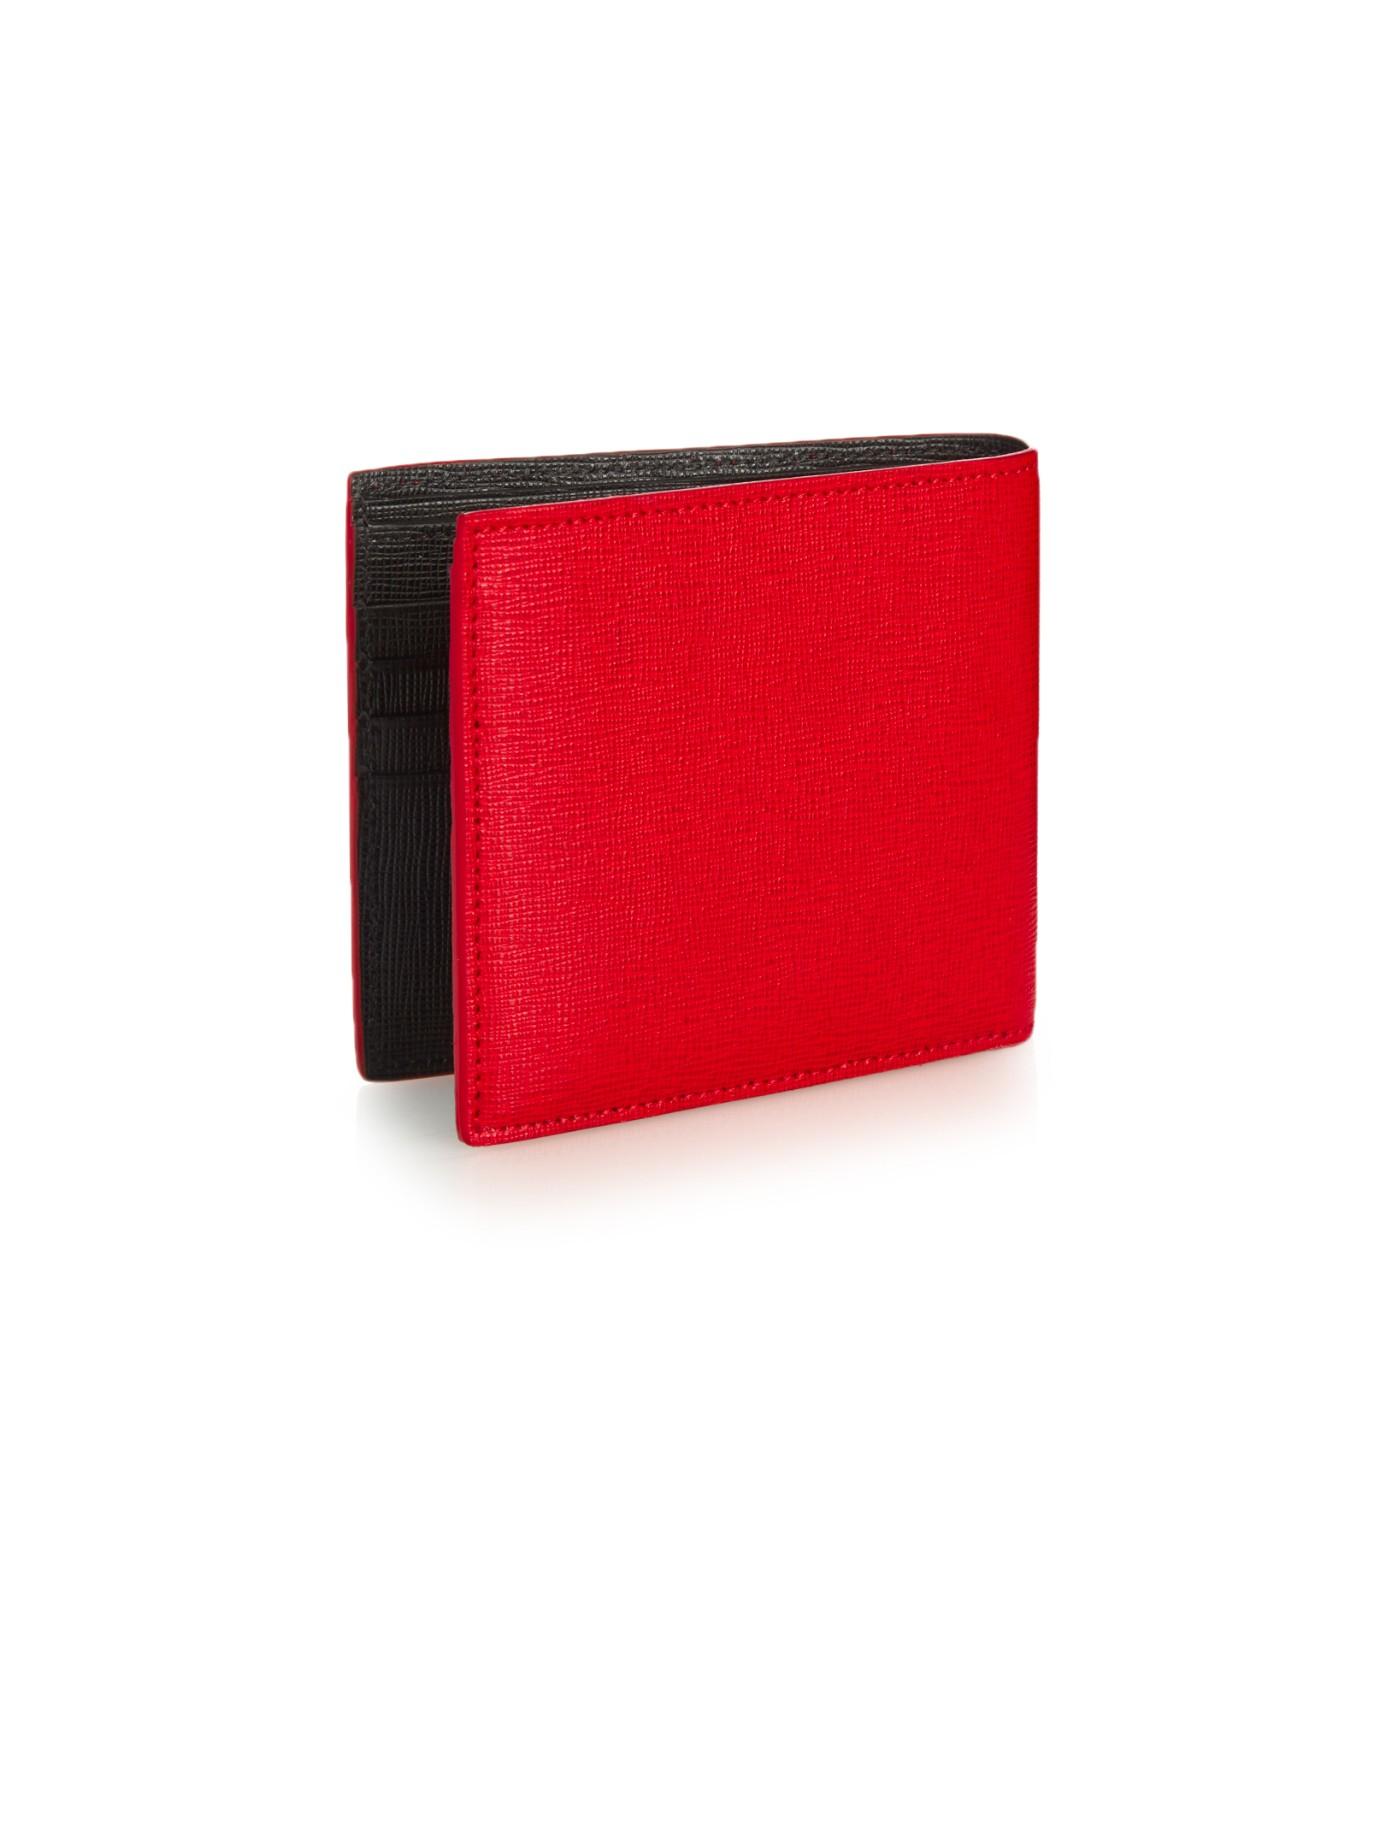 d56781d3deb5 ... low price fendi wallet blue bunny red lyst fendi bag bugs leather bi  fold wallet af19f